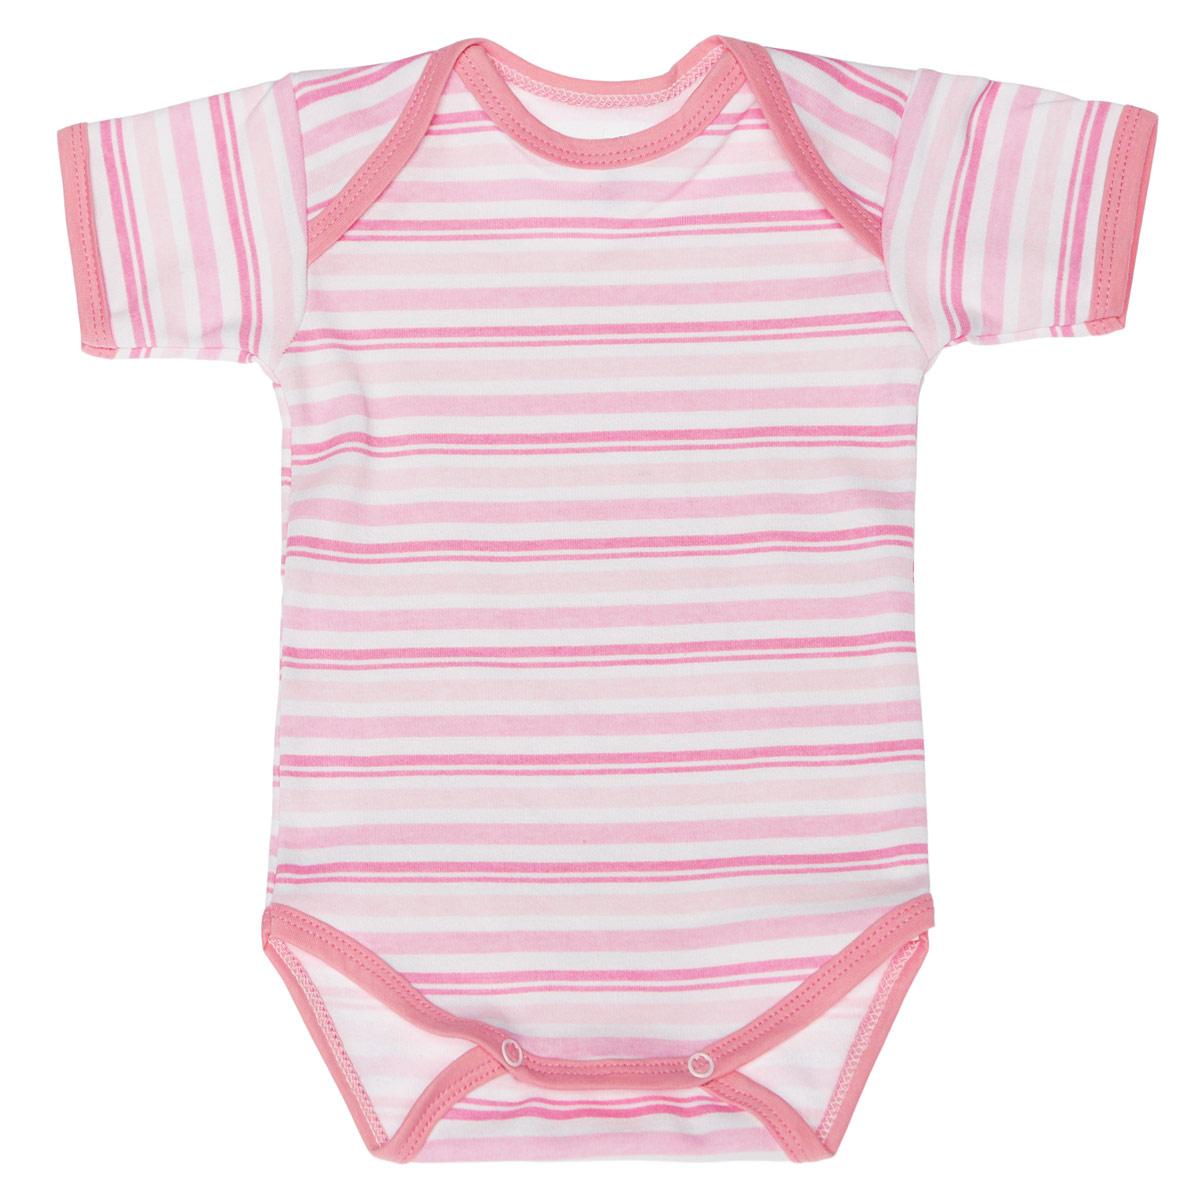 Боди-футболка детская. 5873_полоска5873_полоскаУдобное детское боди-футболка Трон-плюс послужит идеальным дополнением к гардеробу вашего крохи, обеспечивая ему наибольший комфорт. Боди с короткими рукавами и круглым вырезом горловины изготовлено из интерлока - натурального хлопка, благодаря чему оно необычайно мягкое и легкое, не раздражает нежную кожу ребенка и хорошо вентилируется, а эластичные швы приятны телу младенца и не препятствуют его движениям. Удобные запахи на плечах и кнопки на ластовице помогают легко переодеть ребенка или сменить подгузник. Вырез горловины, запахи, низ рукавов и ластовица дополнены бейкой. Оформлена модель принтом в полоску. Боди полностью соответствует особенностям жизни ребенка в ранний период, не стесняя и не ограничивая его в движениях. В нем ваш ребенок всегда будет в центре внимания.